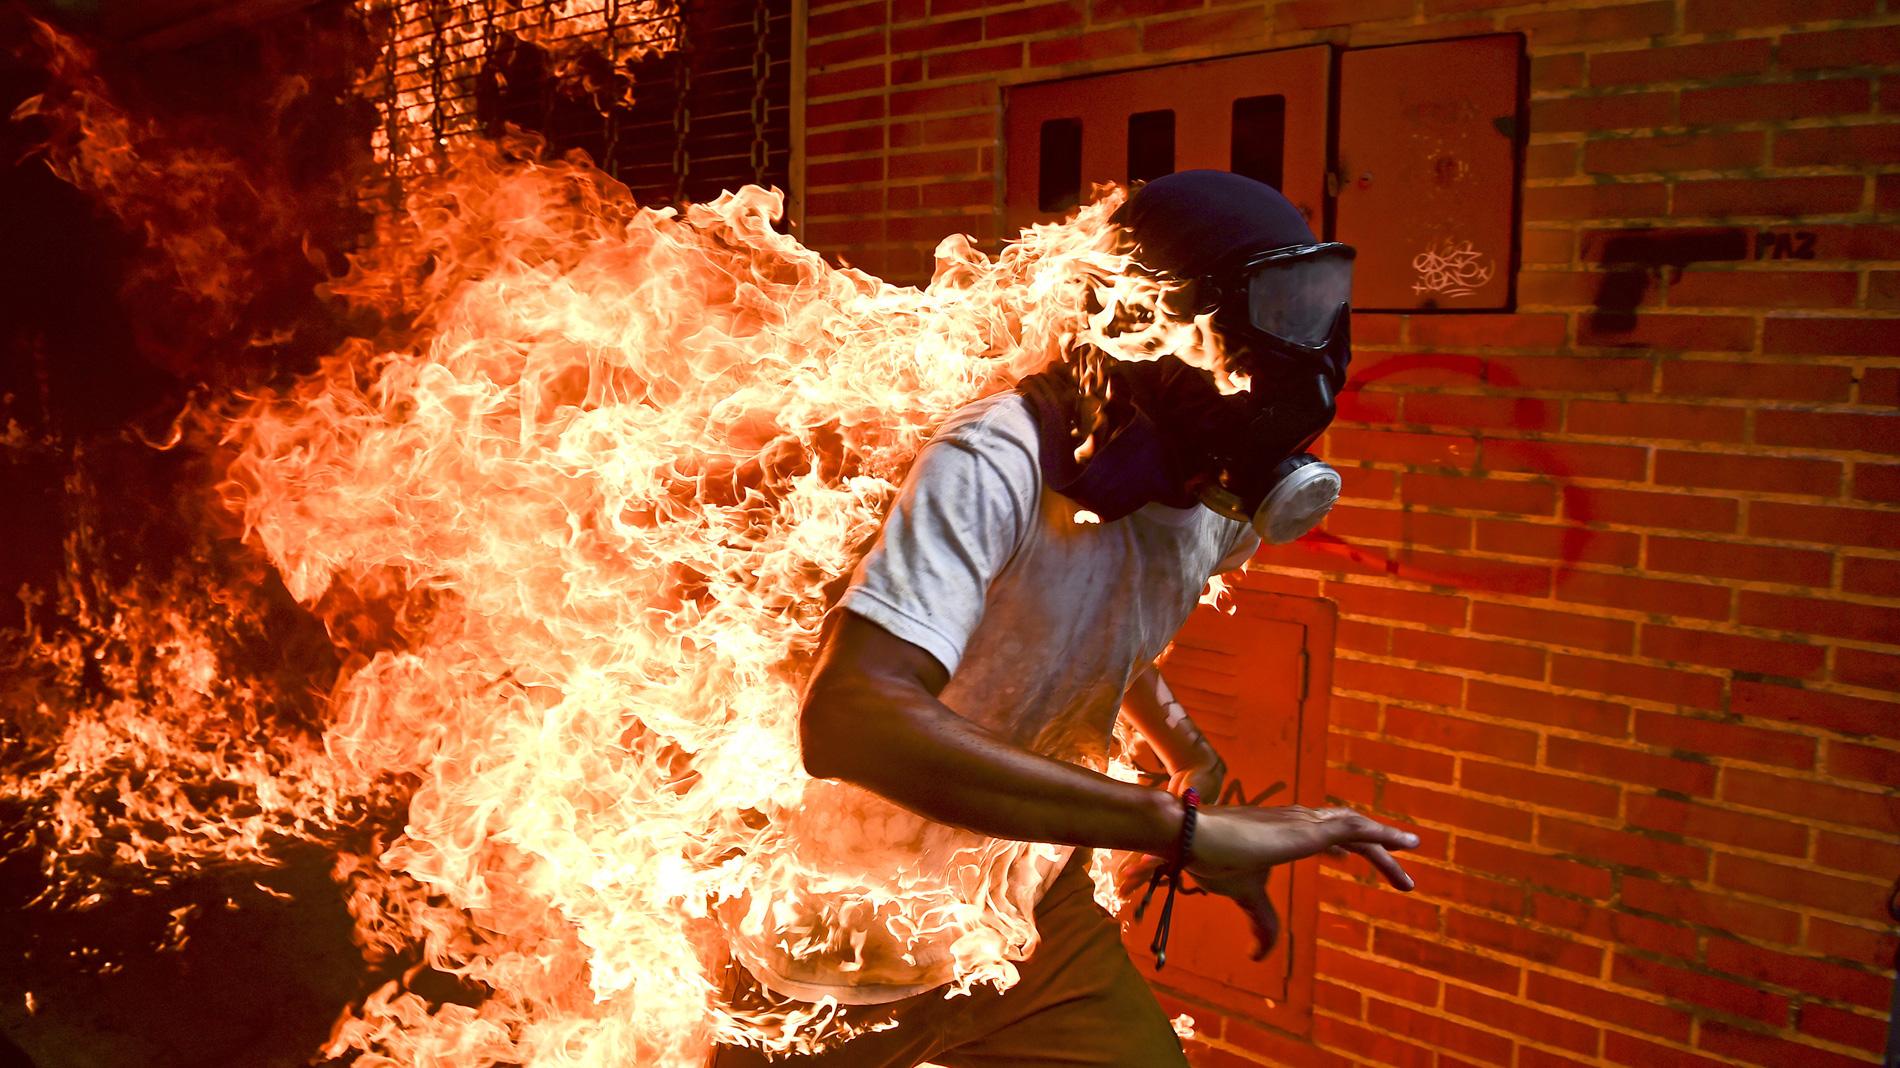 Ir al VideoEl venezolano Ronaldo Schemidt recibe el World Press Photo por una imagen de unos disturbios en Caracas